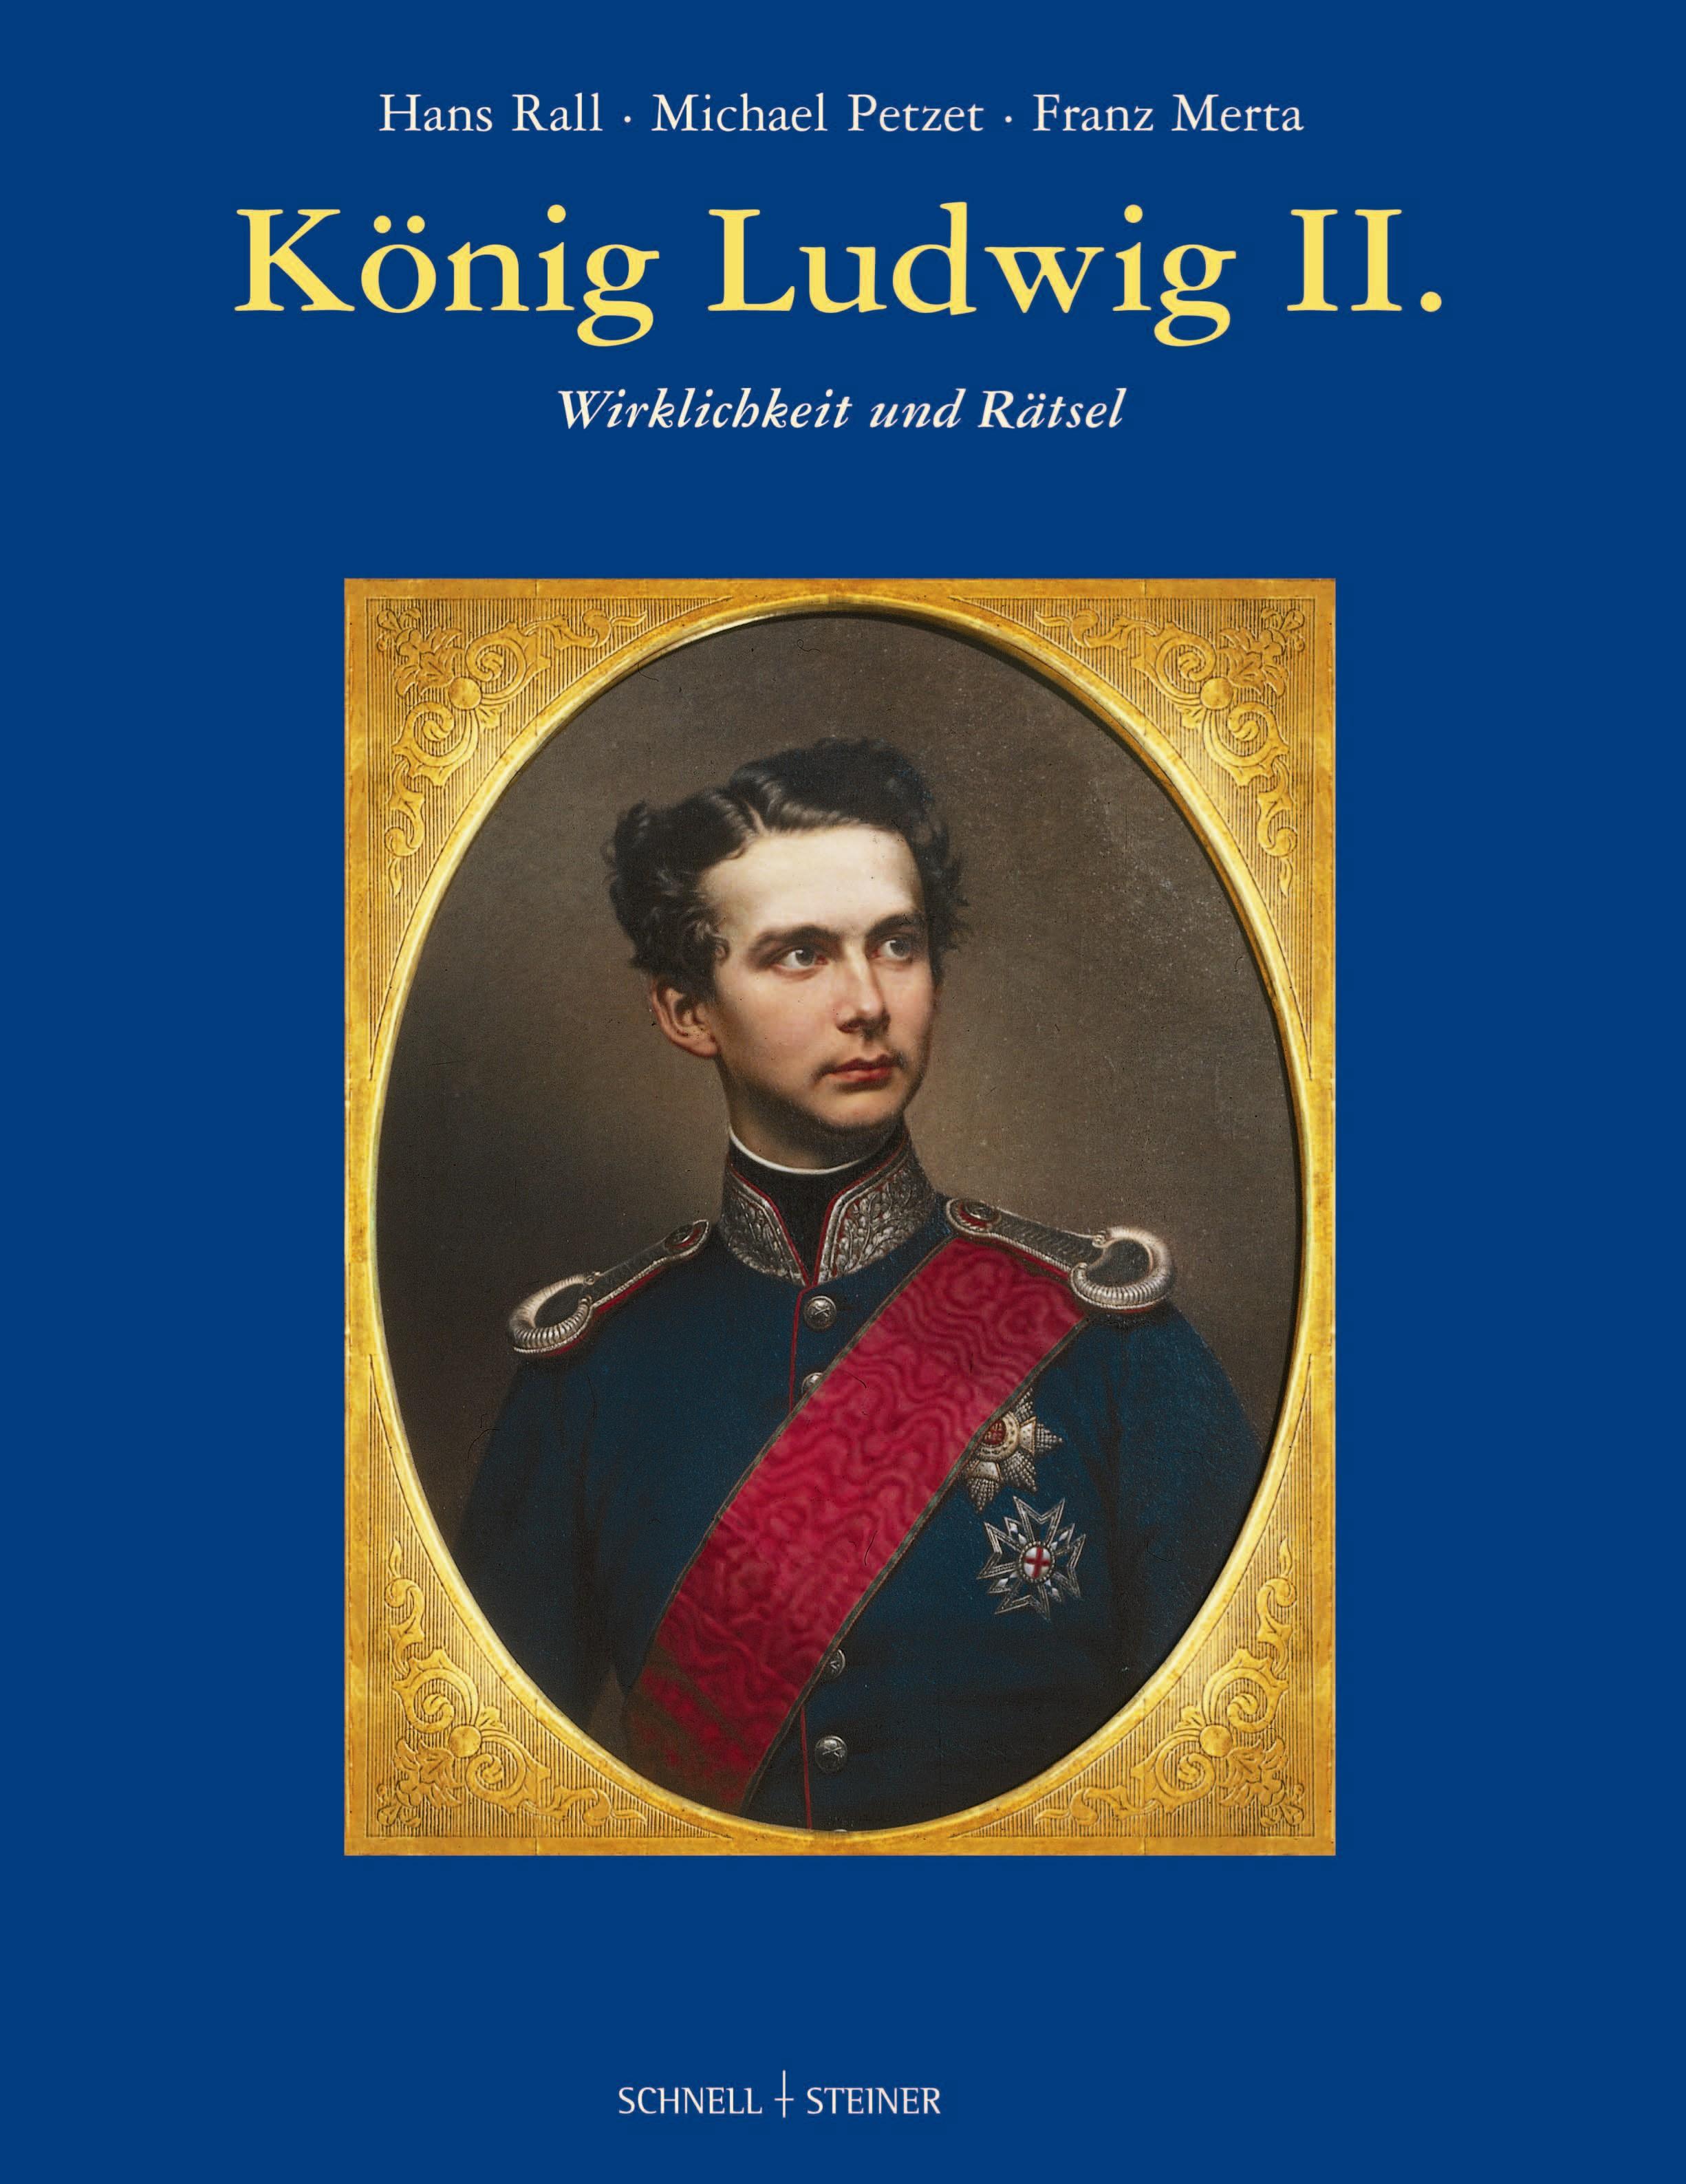 König Ludwig II. - Hans Rall